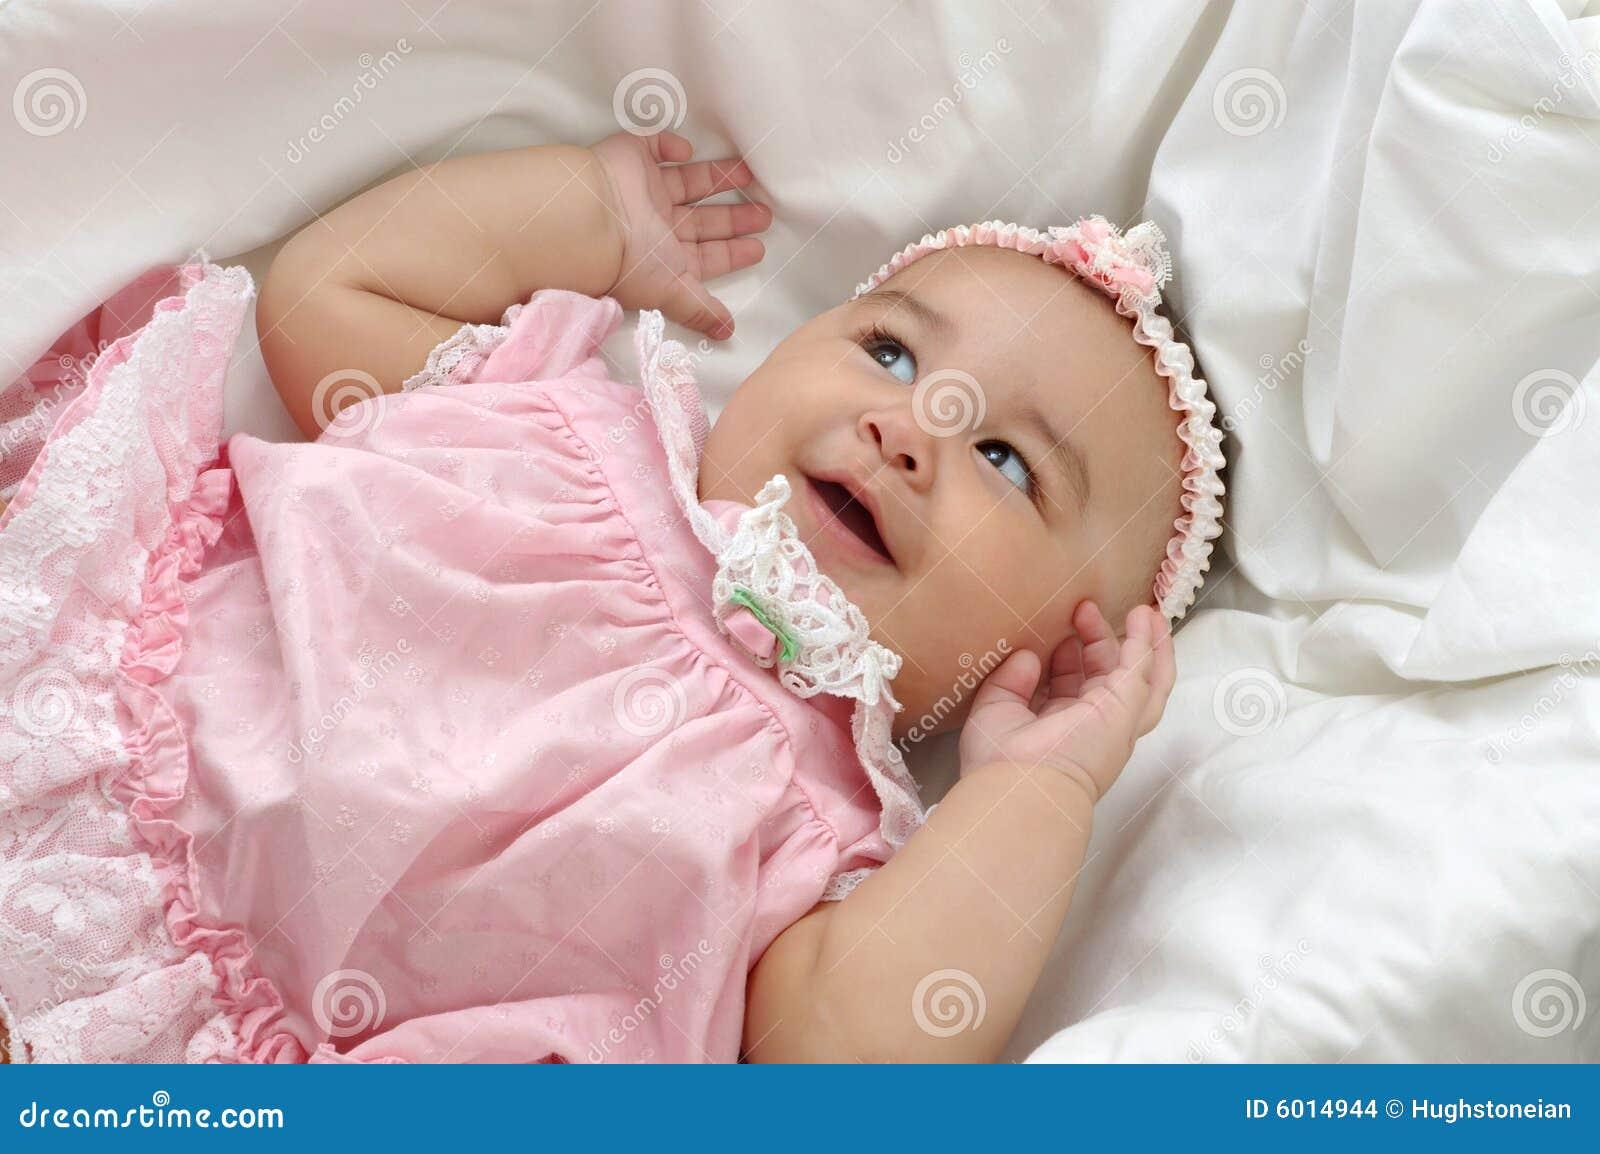 Newborn Hispanic Baby Girls Baby Girl in Pink 6 months